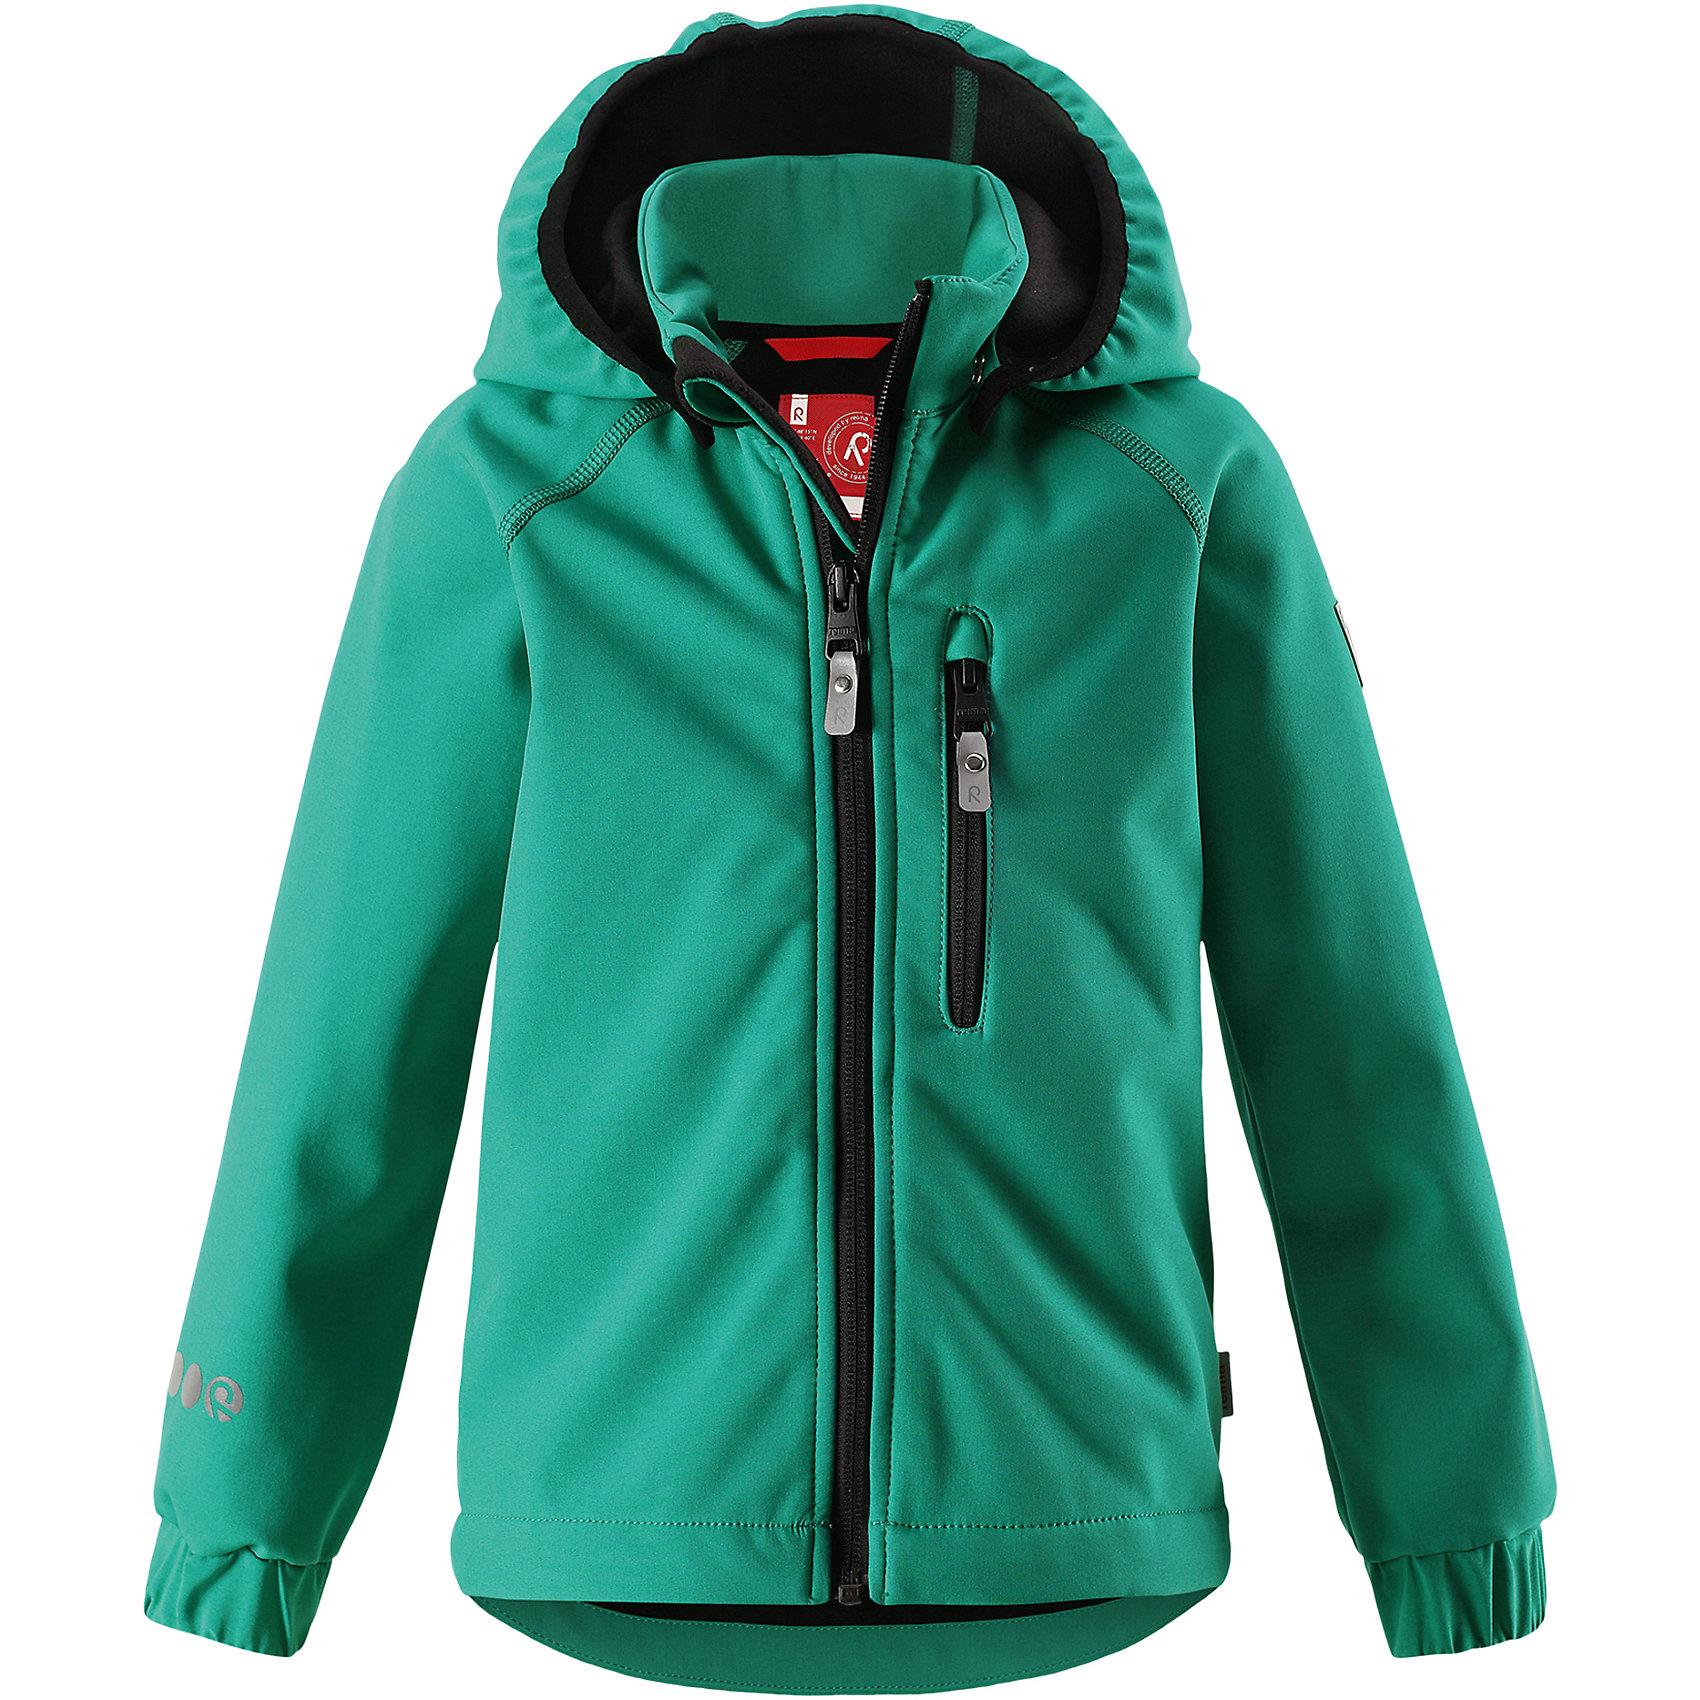 Куртка Vantti ReimaФлис и термобелье<br>Характеристики товара:<br><br>• цвет: зеленый;<br>• состав: 95% полиэстер, 5% эластан, полиуретановое покрытие;<br>• утеплитель: без утеплителя;<br>• сезон: демисезон;<br>• температурный режим: от +5 до +15С;<br>• водонепроницаемость: 10000 мм;<br>• воздухопроницаемость: 4000 мм;<br>• водоотталкивающий, ветронепроницаемый и дышащий материал;<br>• многослойный материал, с изнаночной стороны - флис;<br>• водонепроницаемый материал softshell;<br>• застежка: молния с защитой подбородка от защемления;<br>• безопасный съемный капюшон;<br>• эластичные манжеты;<br>• карман на молнии;<br>• светоотражающие элементы;<br>• страна бренда: Финляндия;<br>• страна производства: Китай.<br><br>Демисезонная куртка с капюшоном изготовлена из водо и грязеотталкивающего материала softshell. Куртка на молнии, с флисовой подкладкой станет идеальным выбором для холодных весенних и осенних дней. Мягкий и эластичный материал softshell дарит ощущение комфорта. В двух карманах найдется место для всех мелочей. Благодаря эластичным сборкам на рукавах и подоле, куртка отлично сидит. Куртка без подкладки. <br><br>Куртка Vantti Reima можно купить в нашем интернет-магазине.<br><br>Ширина мм: 356<br>Глубина мм: 10<br>Высота мм: 245<br>Вес г: 519<br>Цвет: зеленый<br>Возраст от месяцев: 108<br>Возраст до месяцев: 120<br>Пол: Унисекс<br>Возраст: Детский<br>Размер: 140,92,98,104,110,116,122,128,134<br>SKU: 6901381